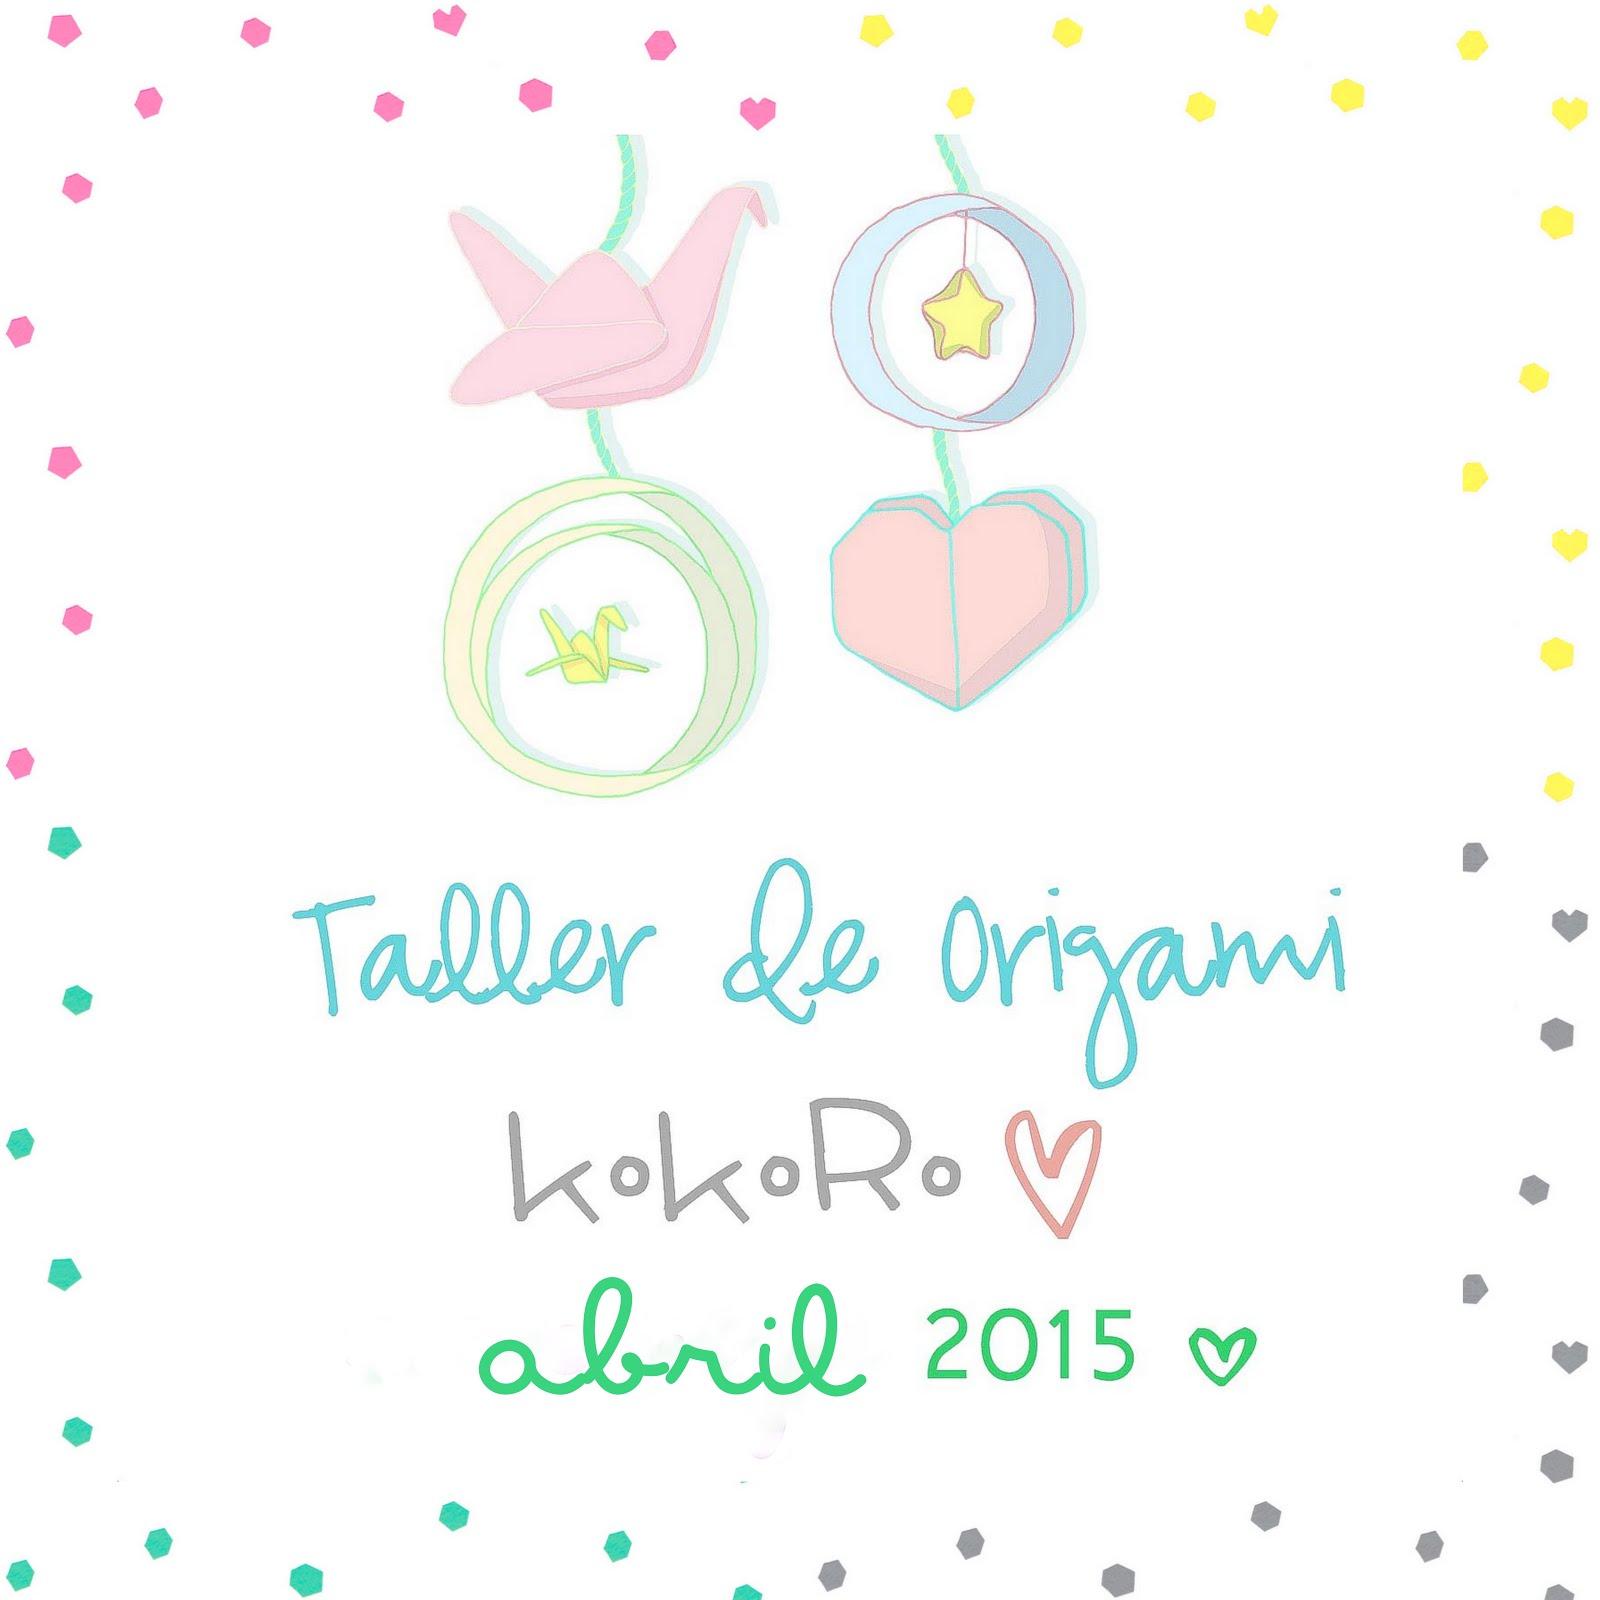 Nueva fecha en Abril! ♡